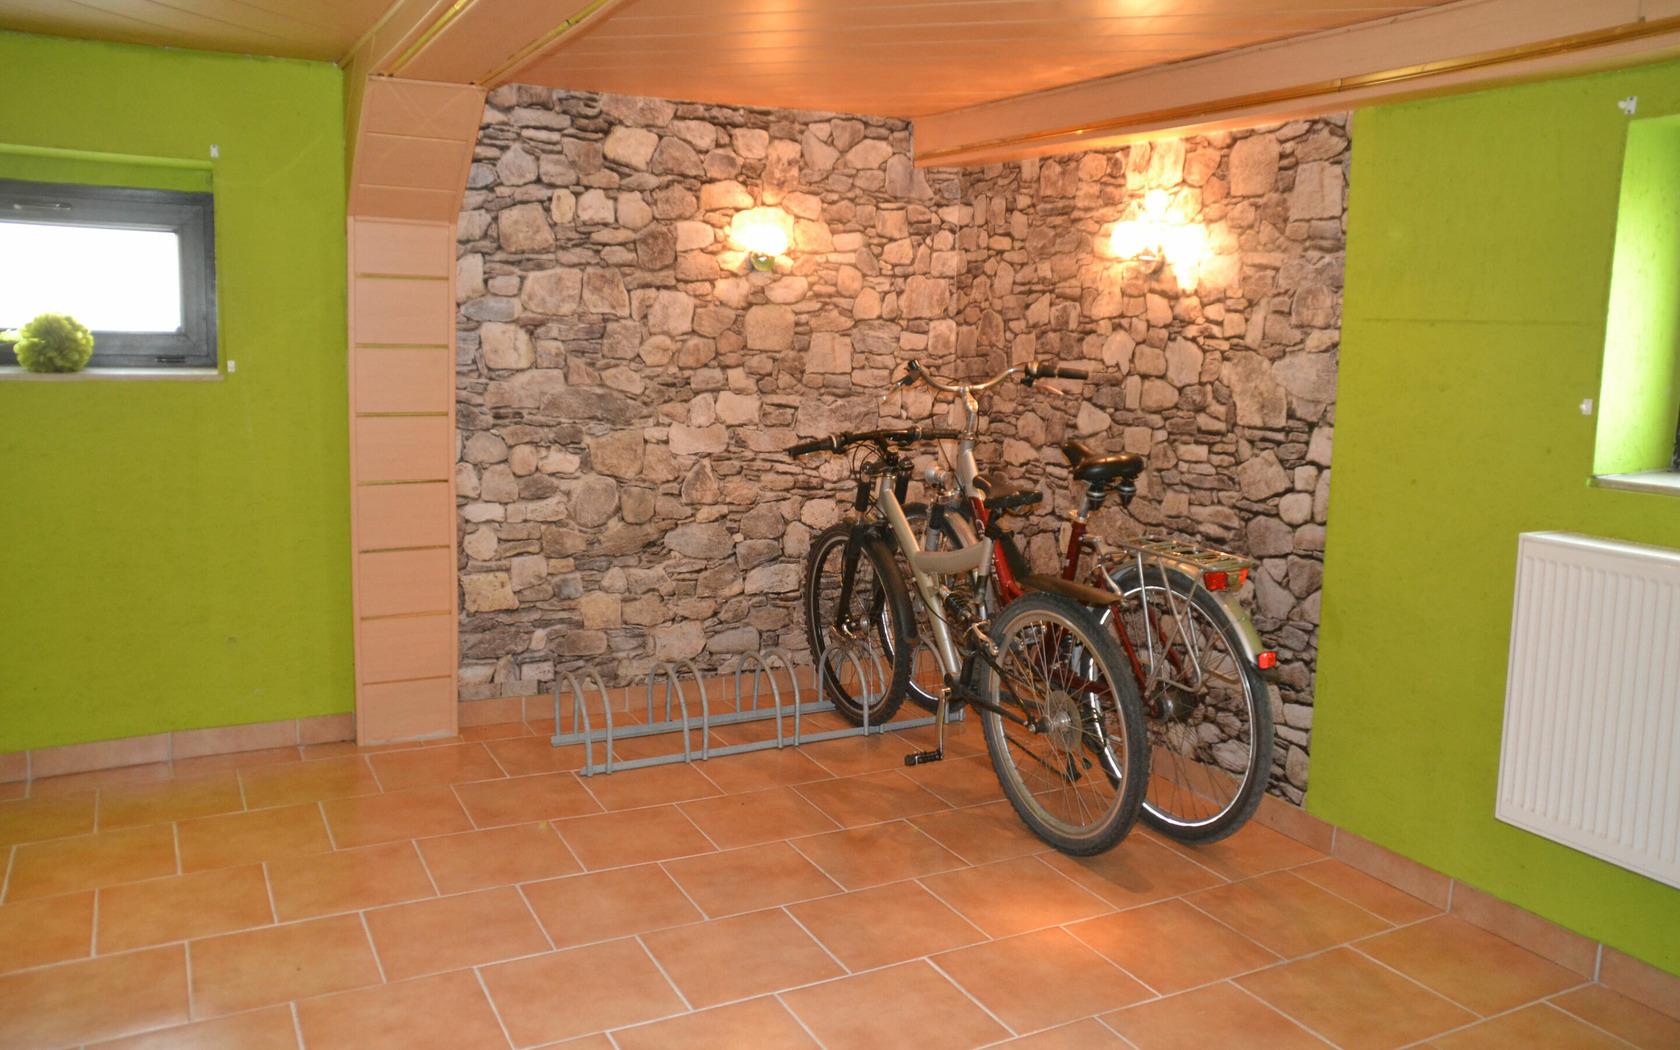 Ferienhaus Hasenland, Foto: MuT Guben, Foto: Marketing und Tourismus Guben e.V., Lizenz: Marketing und Tourismus Guben e.V.